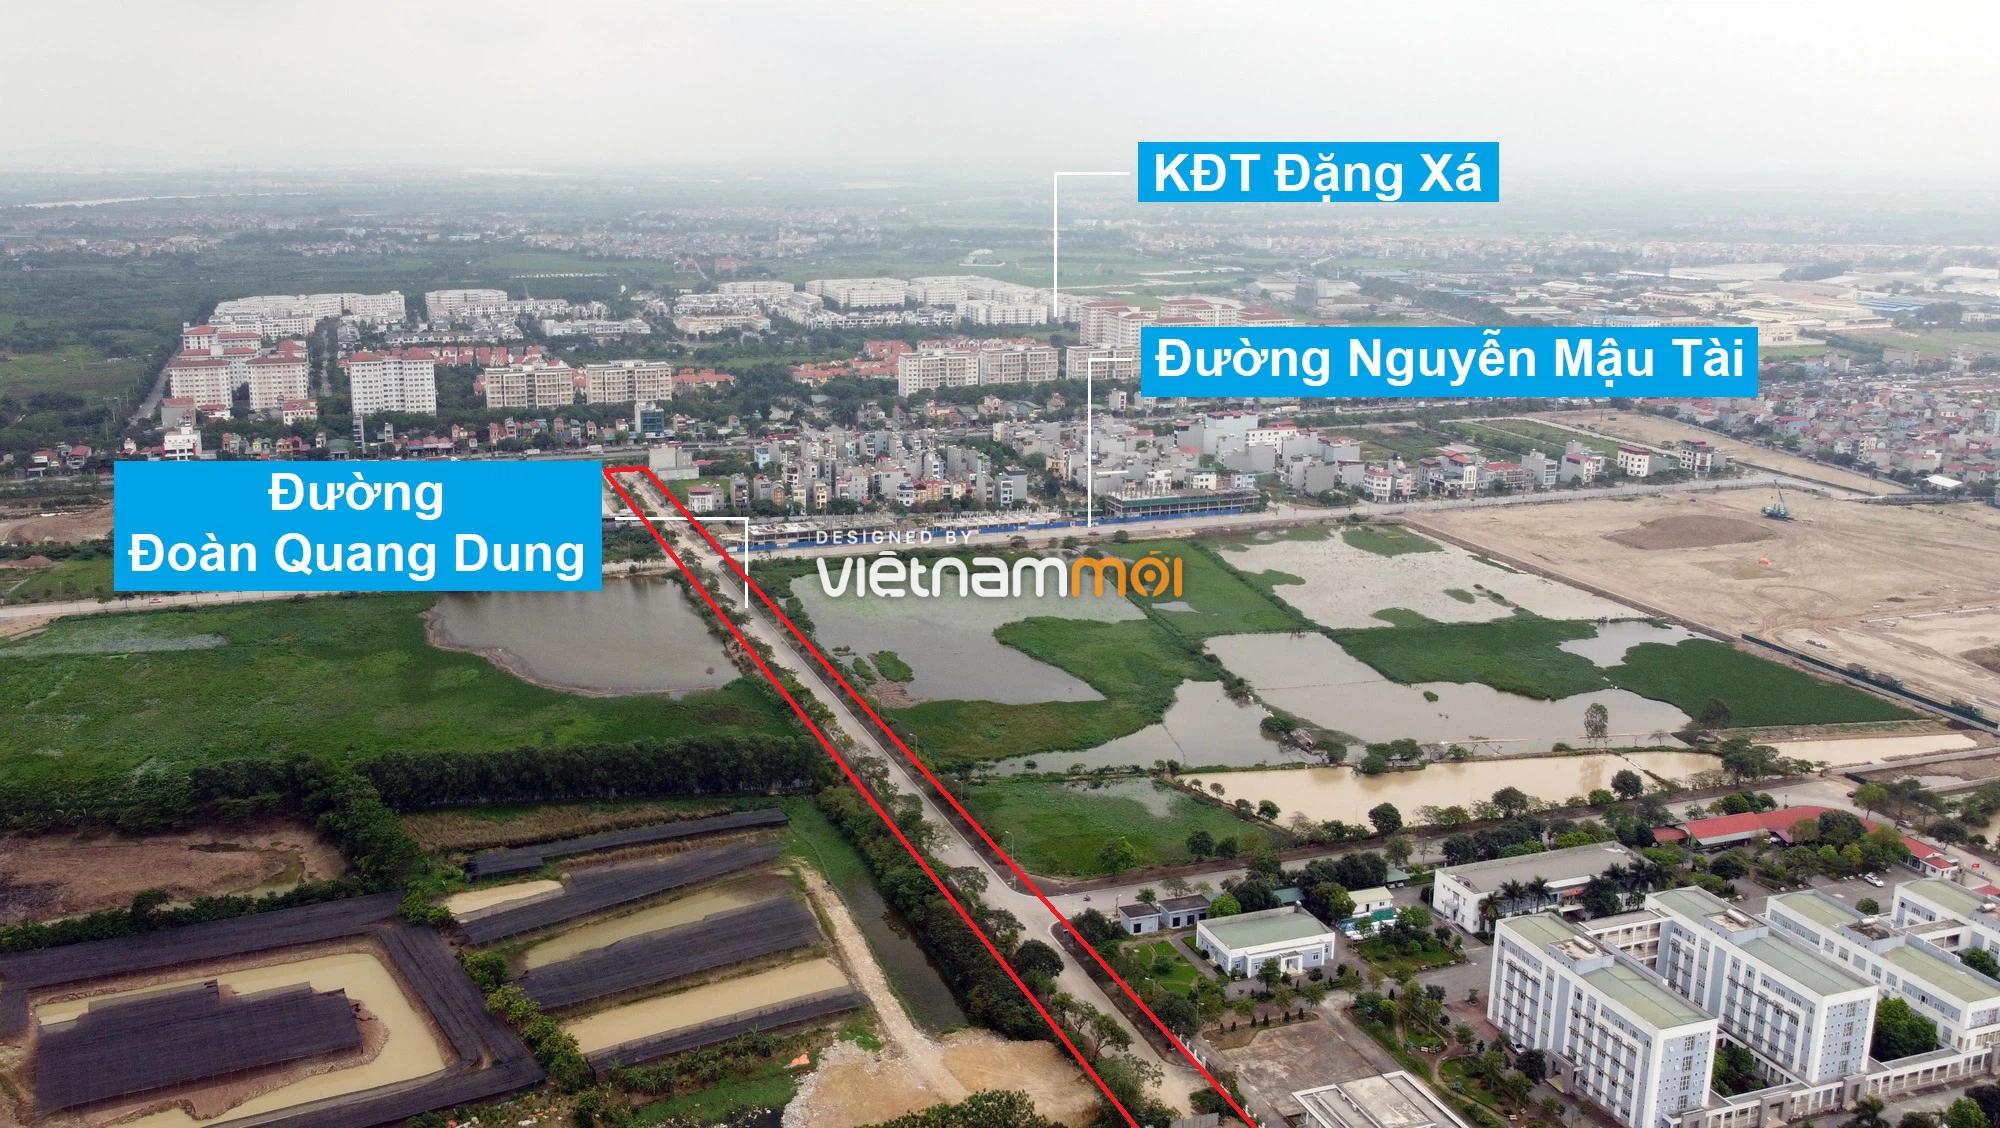 Đường sẽ mở theo quy hoạch ở thị trấn Trâu Quỳ, Gia Lâm, Hà Nội (phần 3) - Ảnh 2.